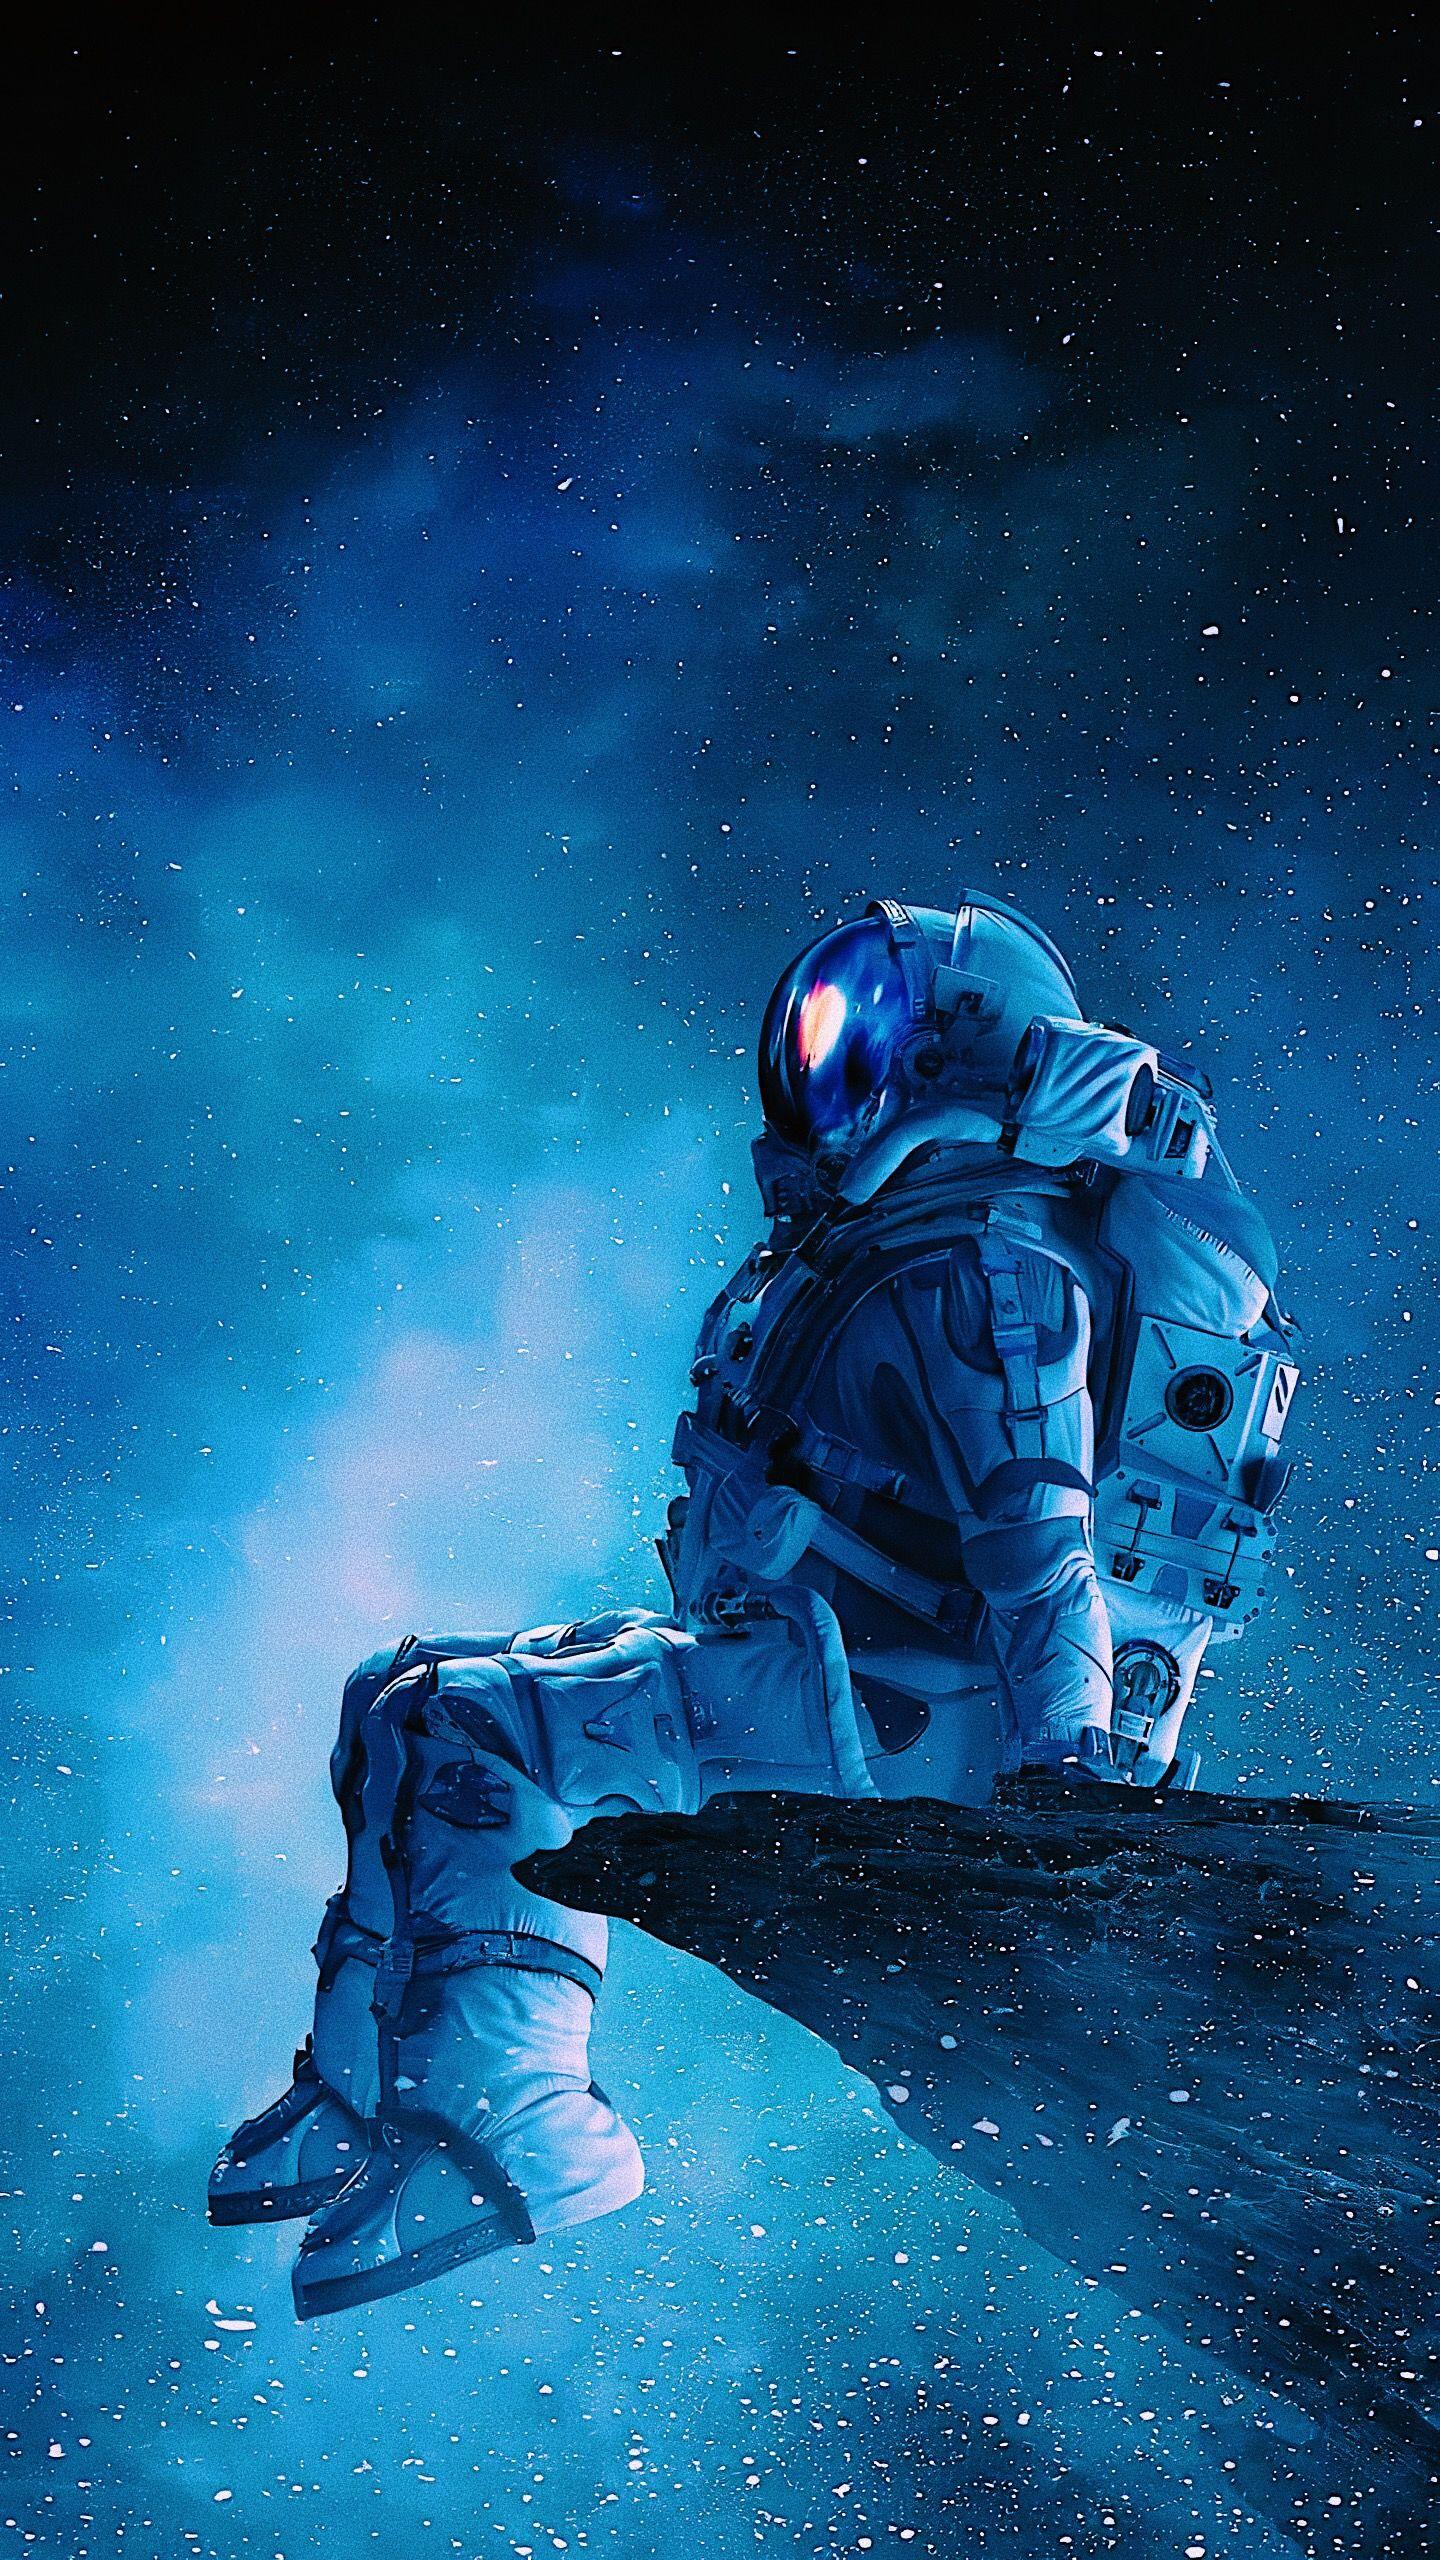 Galaxy Wallpaper Astronaut Wallpaper Space Artwork Space Art